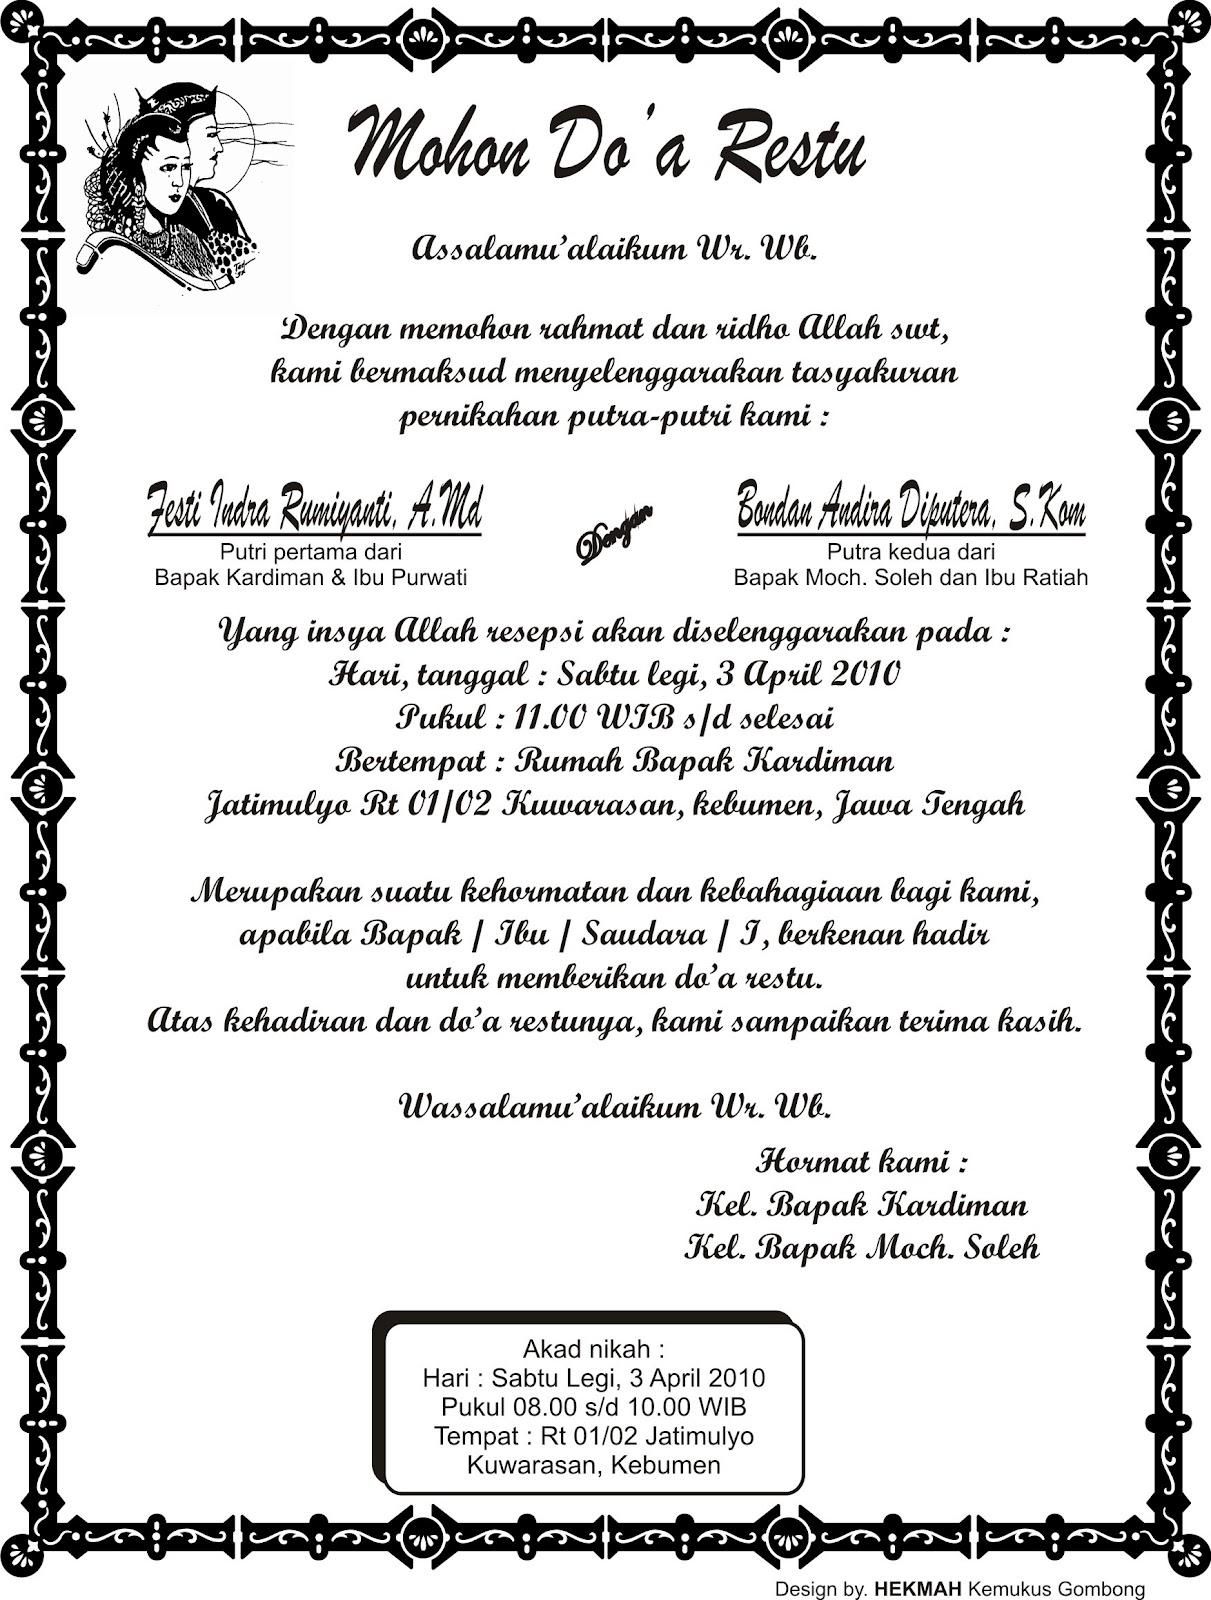 Aneka info: Contoh Ucapan Tasyakuran Pernikahan